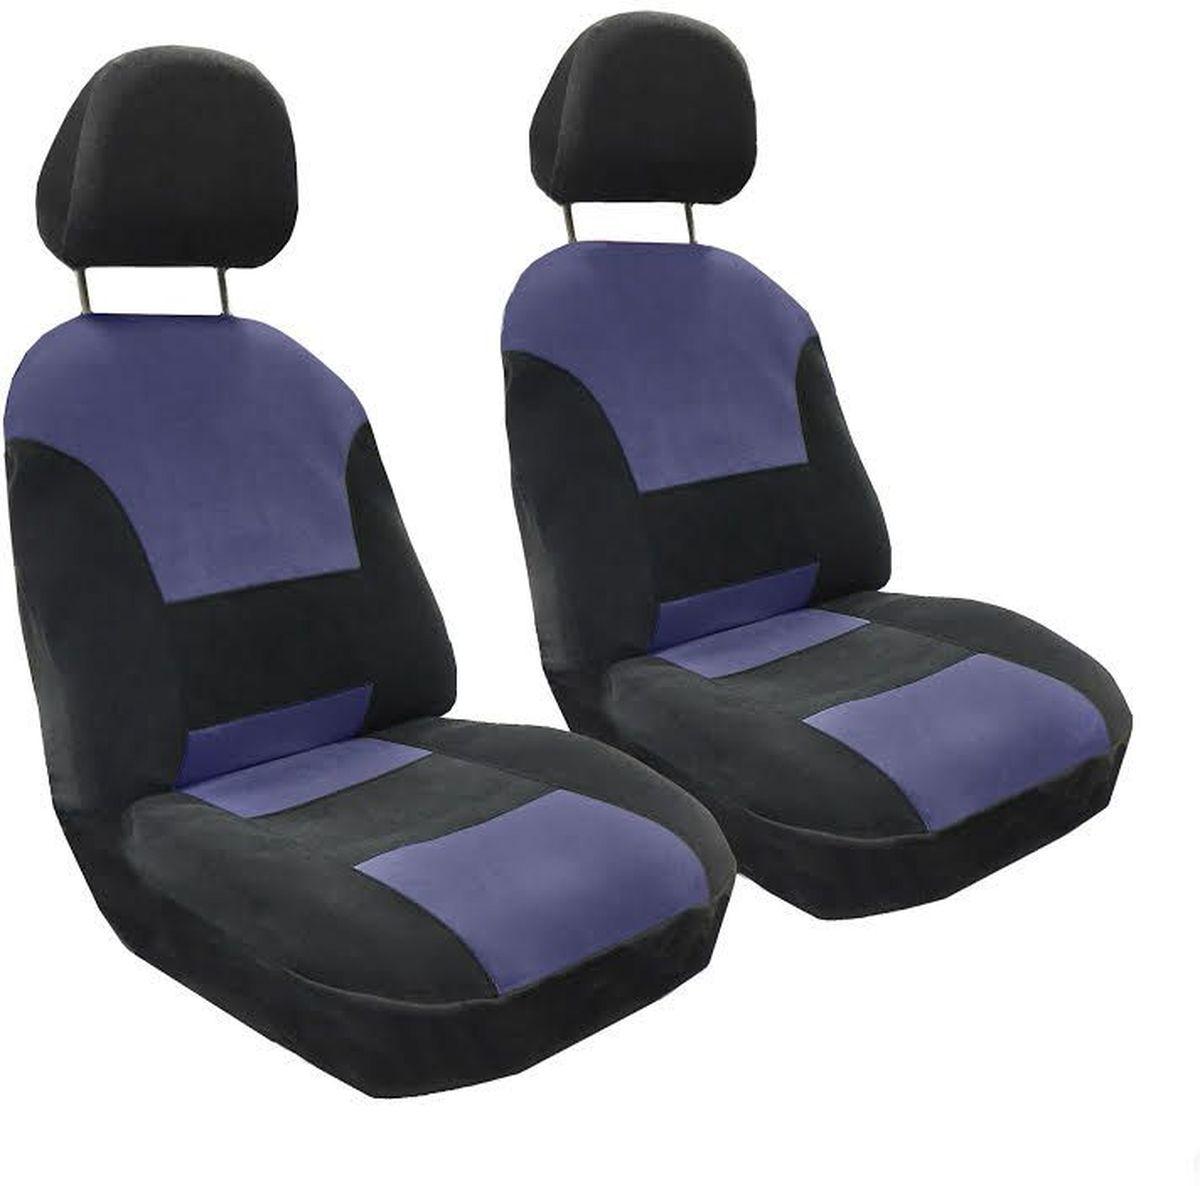 Набор автомобильных чехлов Auto Premium Флагман, цвет: черный, синий, 4 предмета57102Комплект универсальных чехлов Auto Premium Флагман выполнен из велюра, предназначен для передних кресел автомобиля. На задней спинке чехла расположен вшивной карман. В комплект входят съемные чехлы для подголовников. Практичный и долговечный комплект чехлов для передних сидений надежно защищает сиденье водителя и пассажира от механических повреждений, загрязнений и износа.